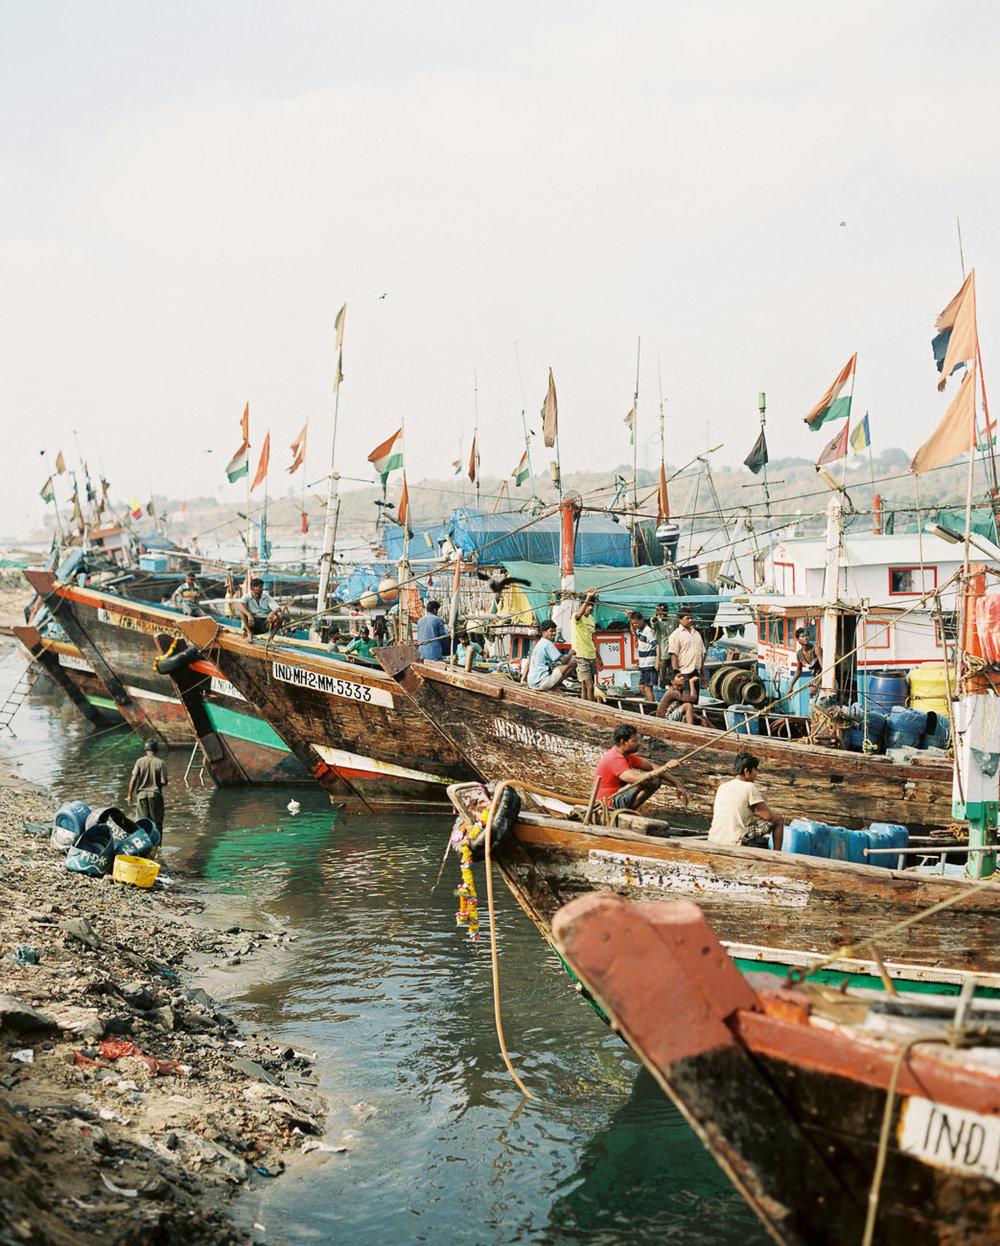 mumbai-photographe-voyage-alain-m-3.jpg